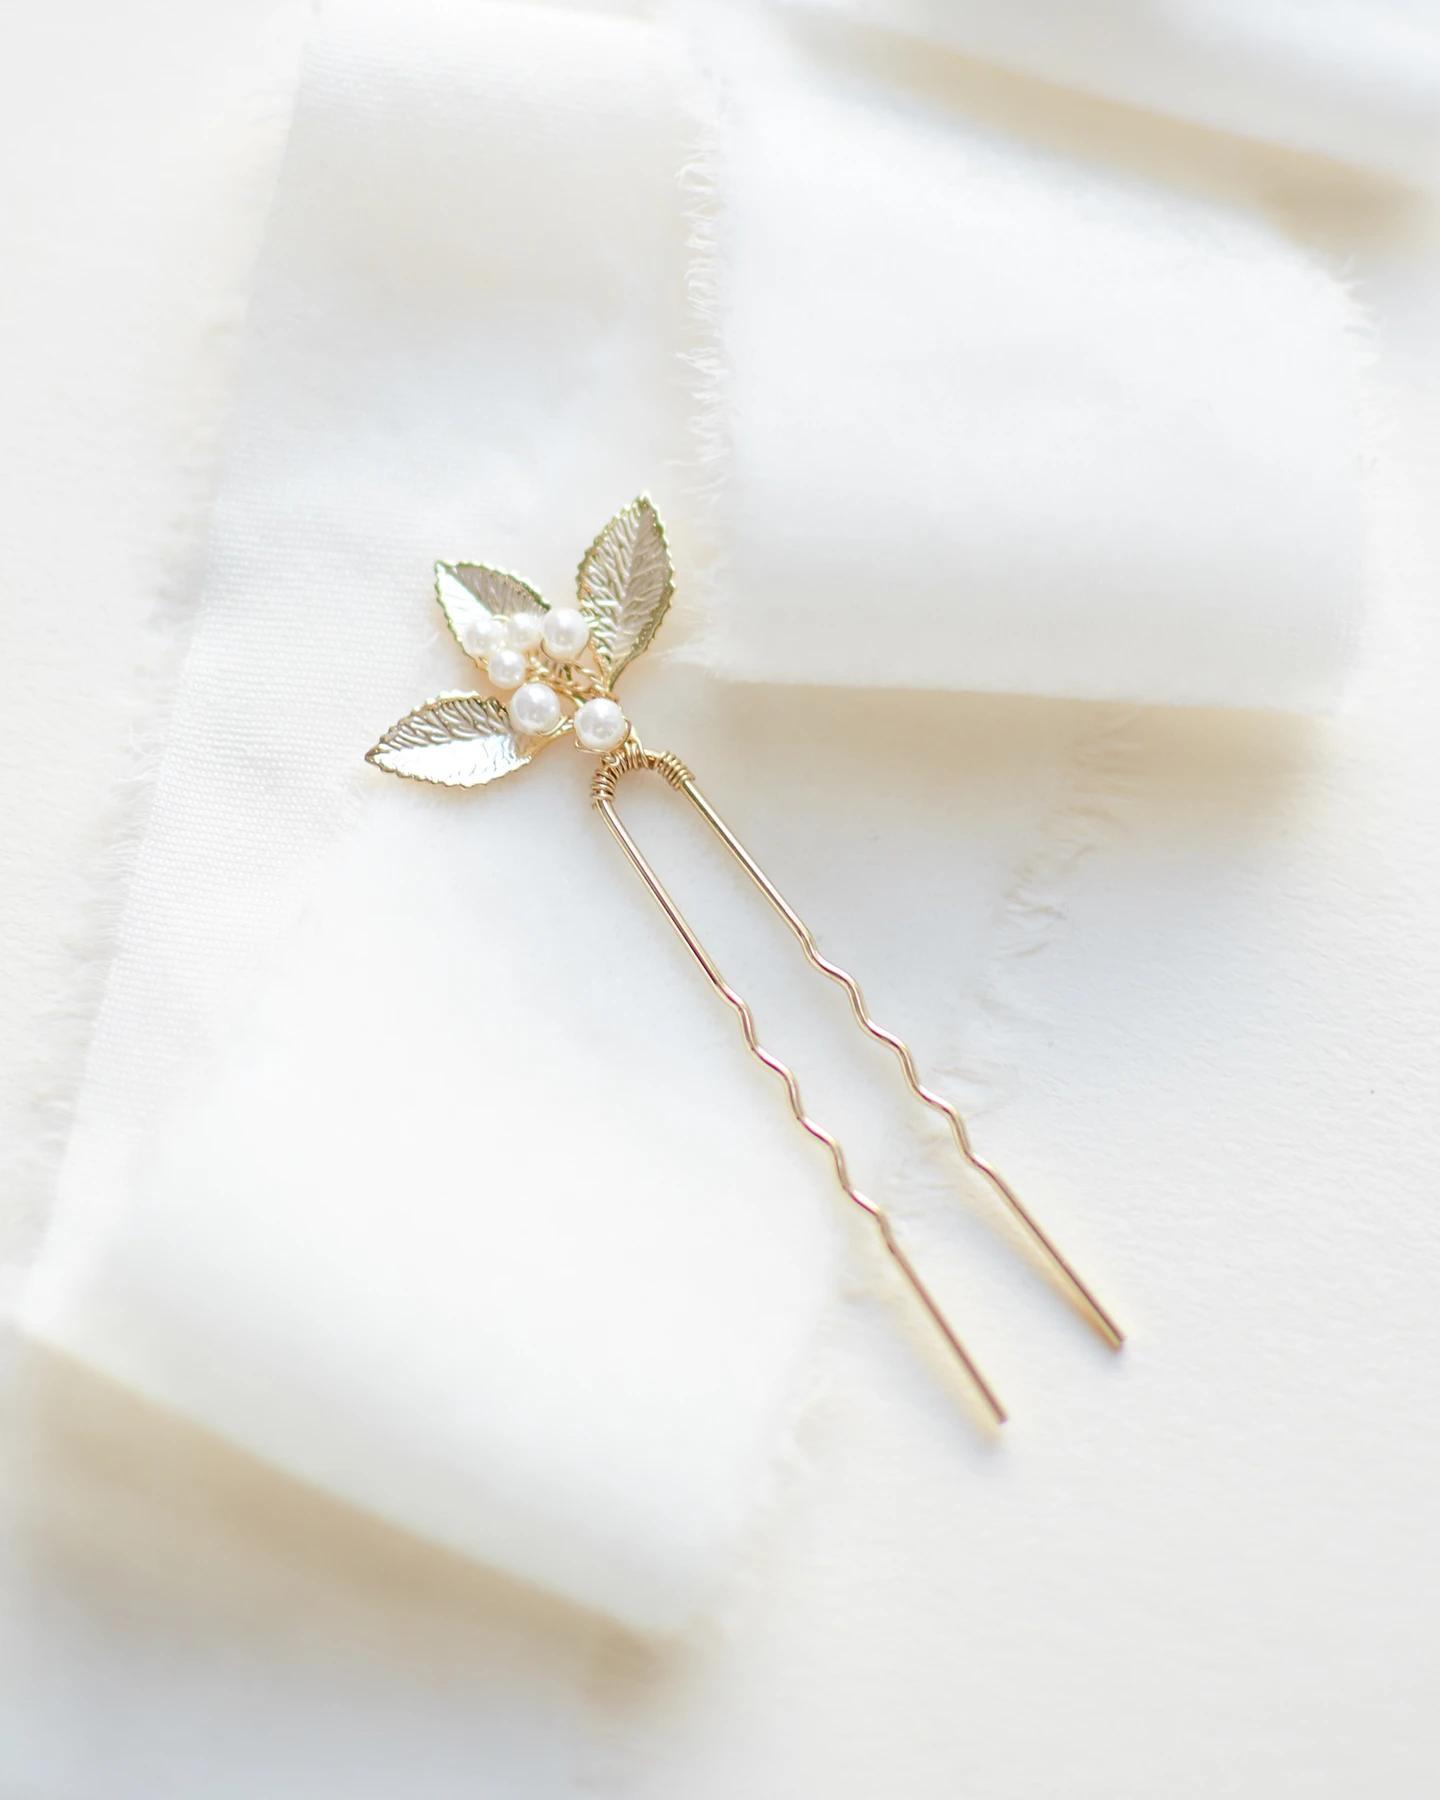 Nola_Set of 3 Bridal Crystal Hair Pins